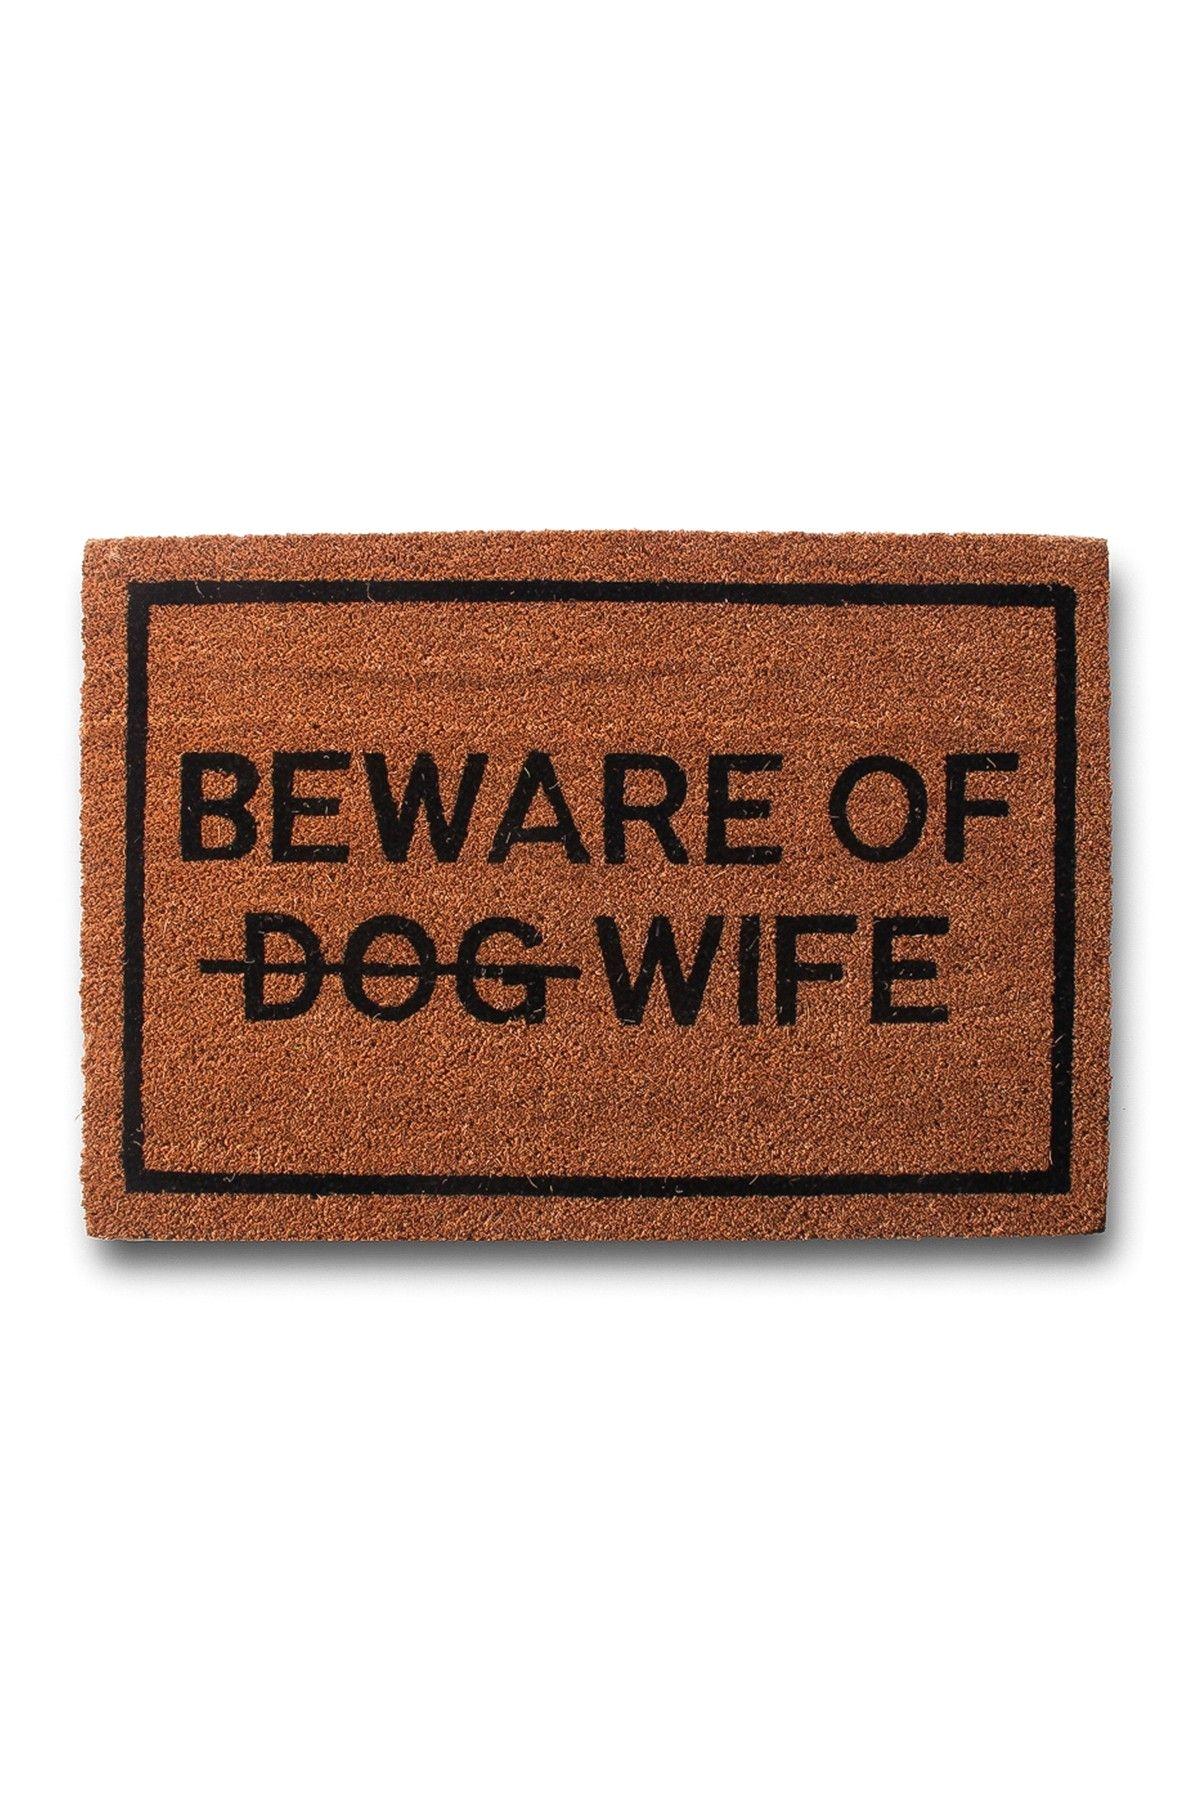 clever doormats beware of dog strikethrough wife brown coir doormat